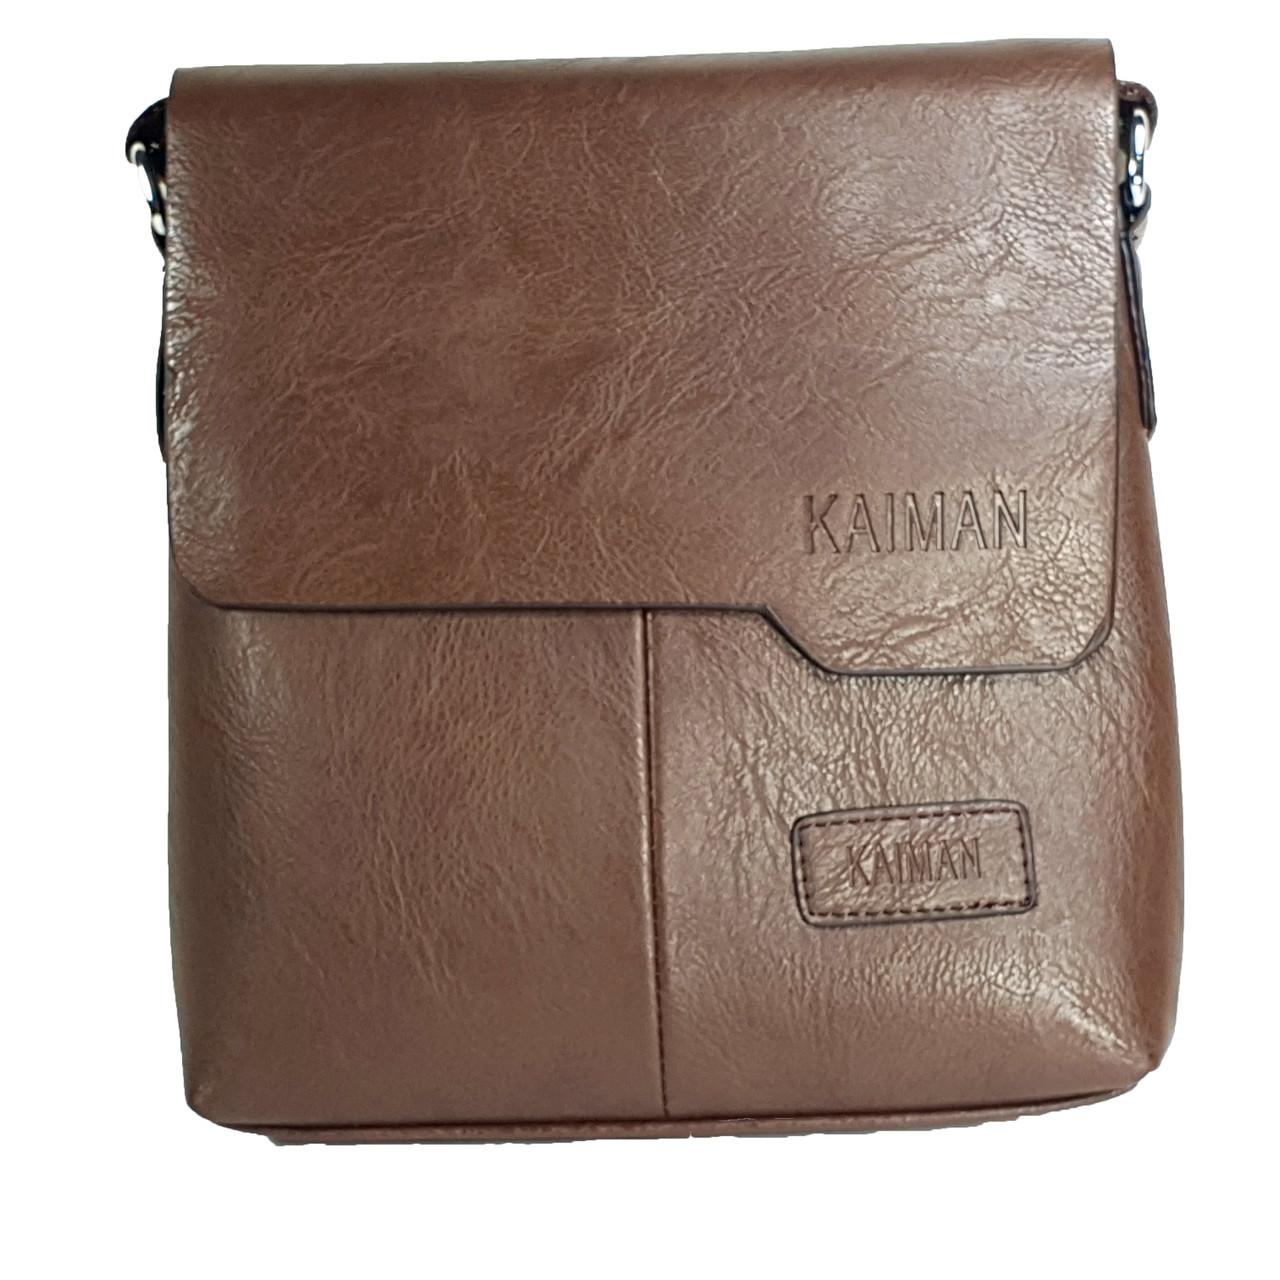 Односекционная сумка с клапаном Kaiman